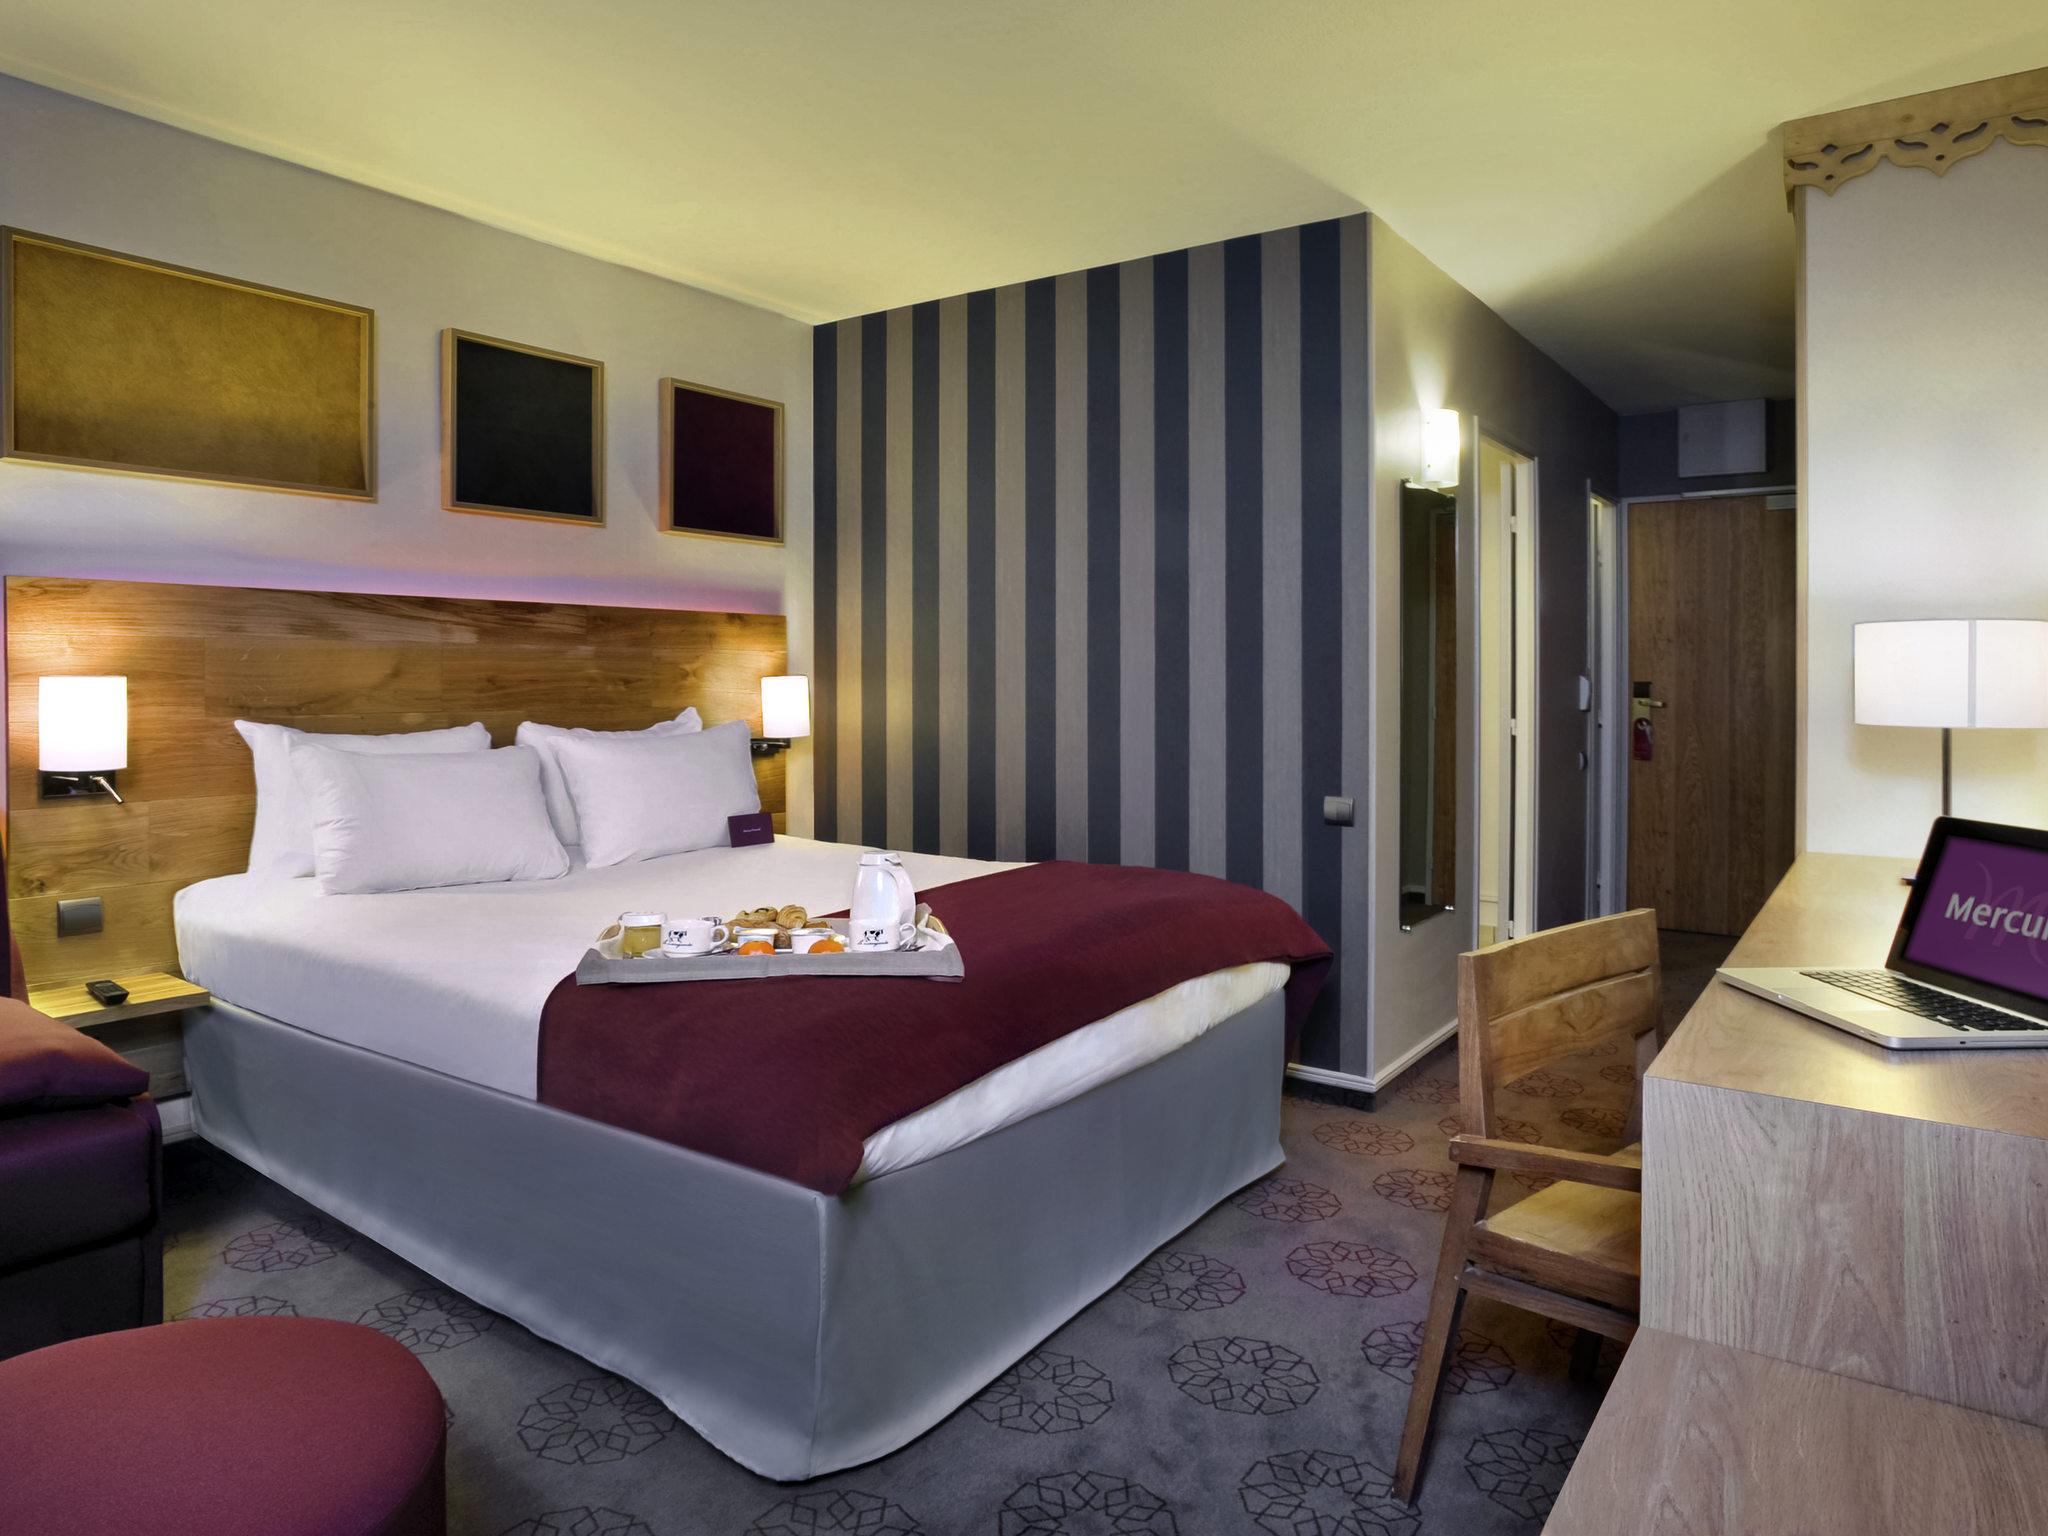 โรงแรม – Hôtel Mercure Saint-Lary Sensoria